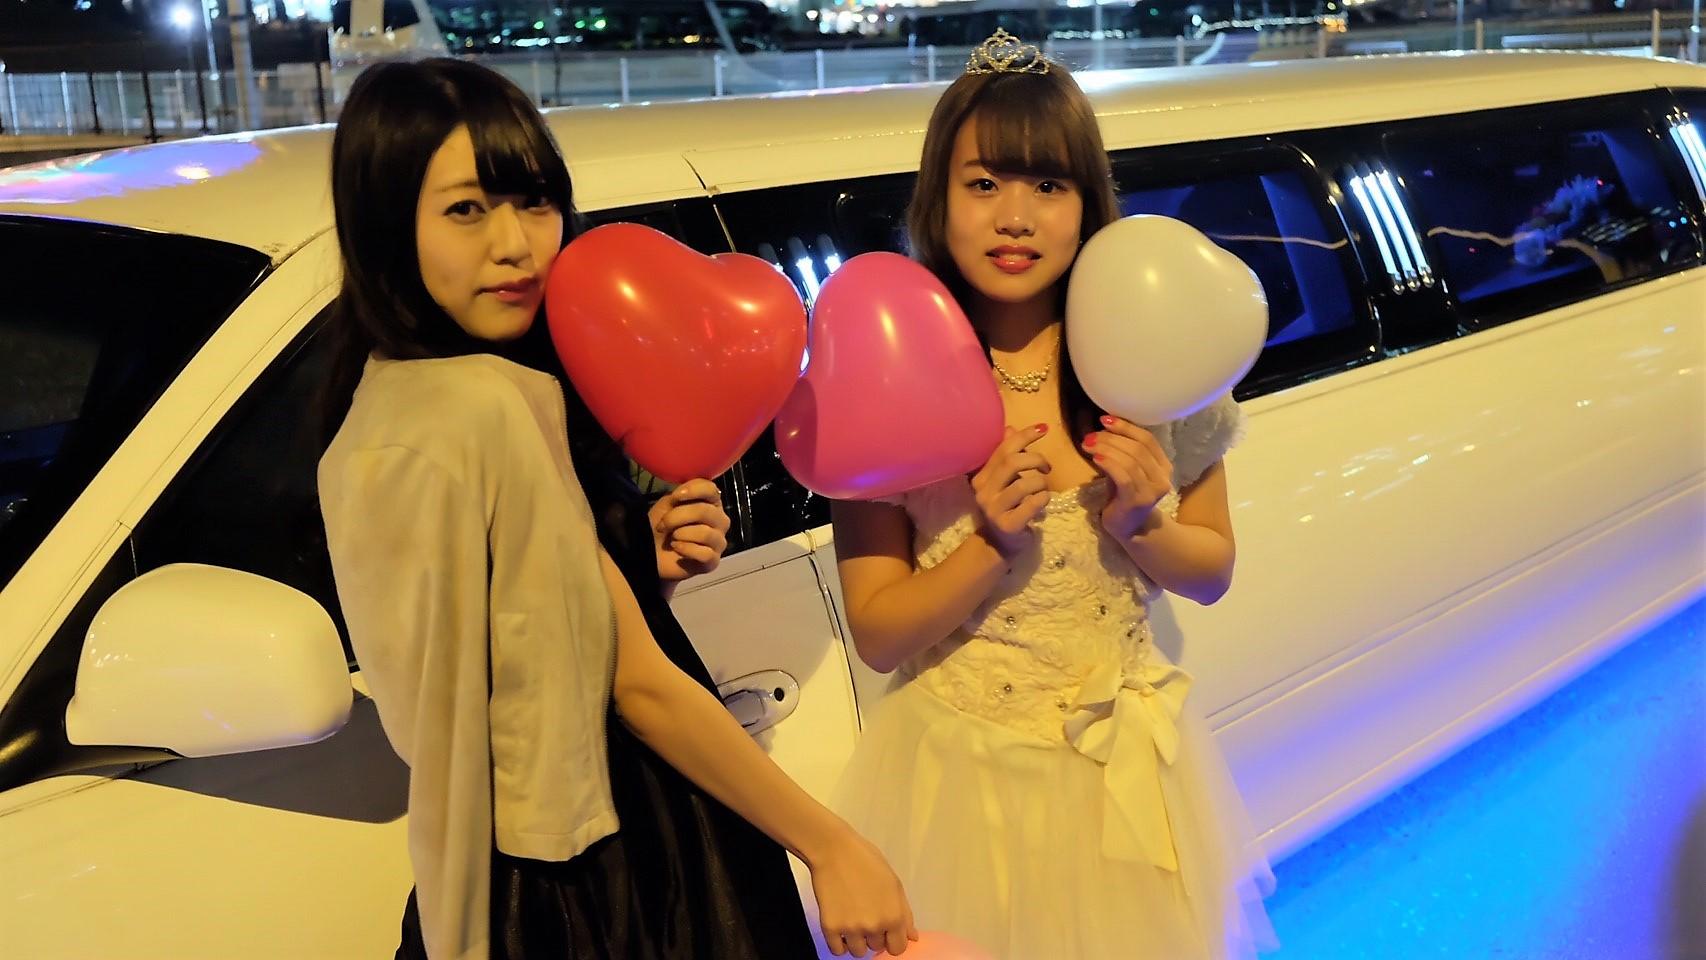 今日は東京にあるお台場で仲良し二人でリムジンパーティー